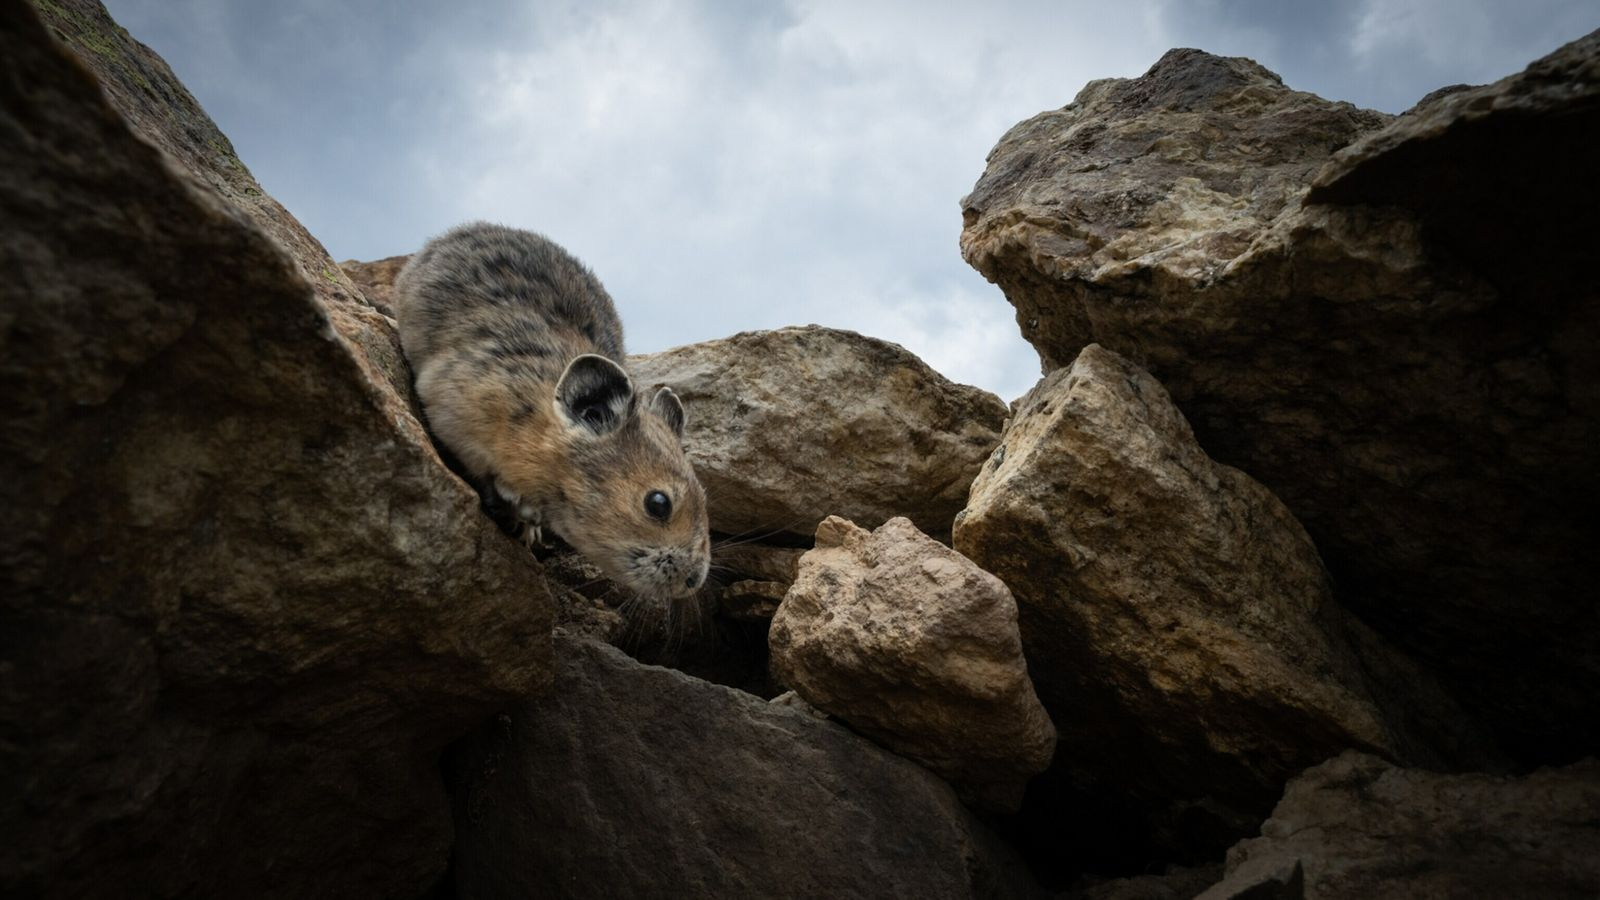 Dans le parc national des montagnes Rocheuses du Colorado, aux États-Unis, un pika se réfugie dans ...